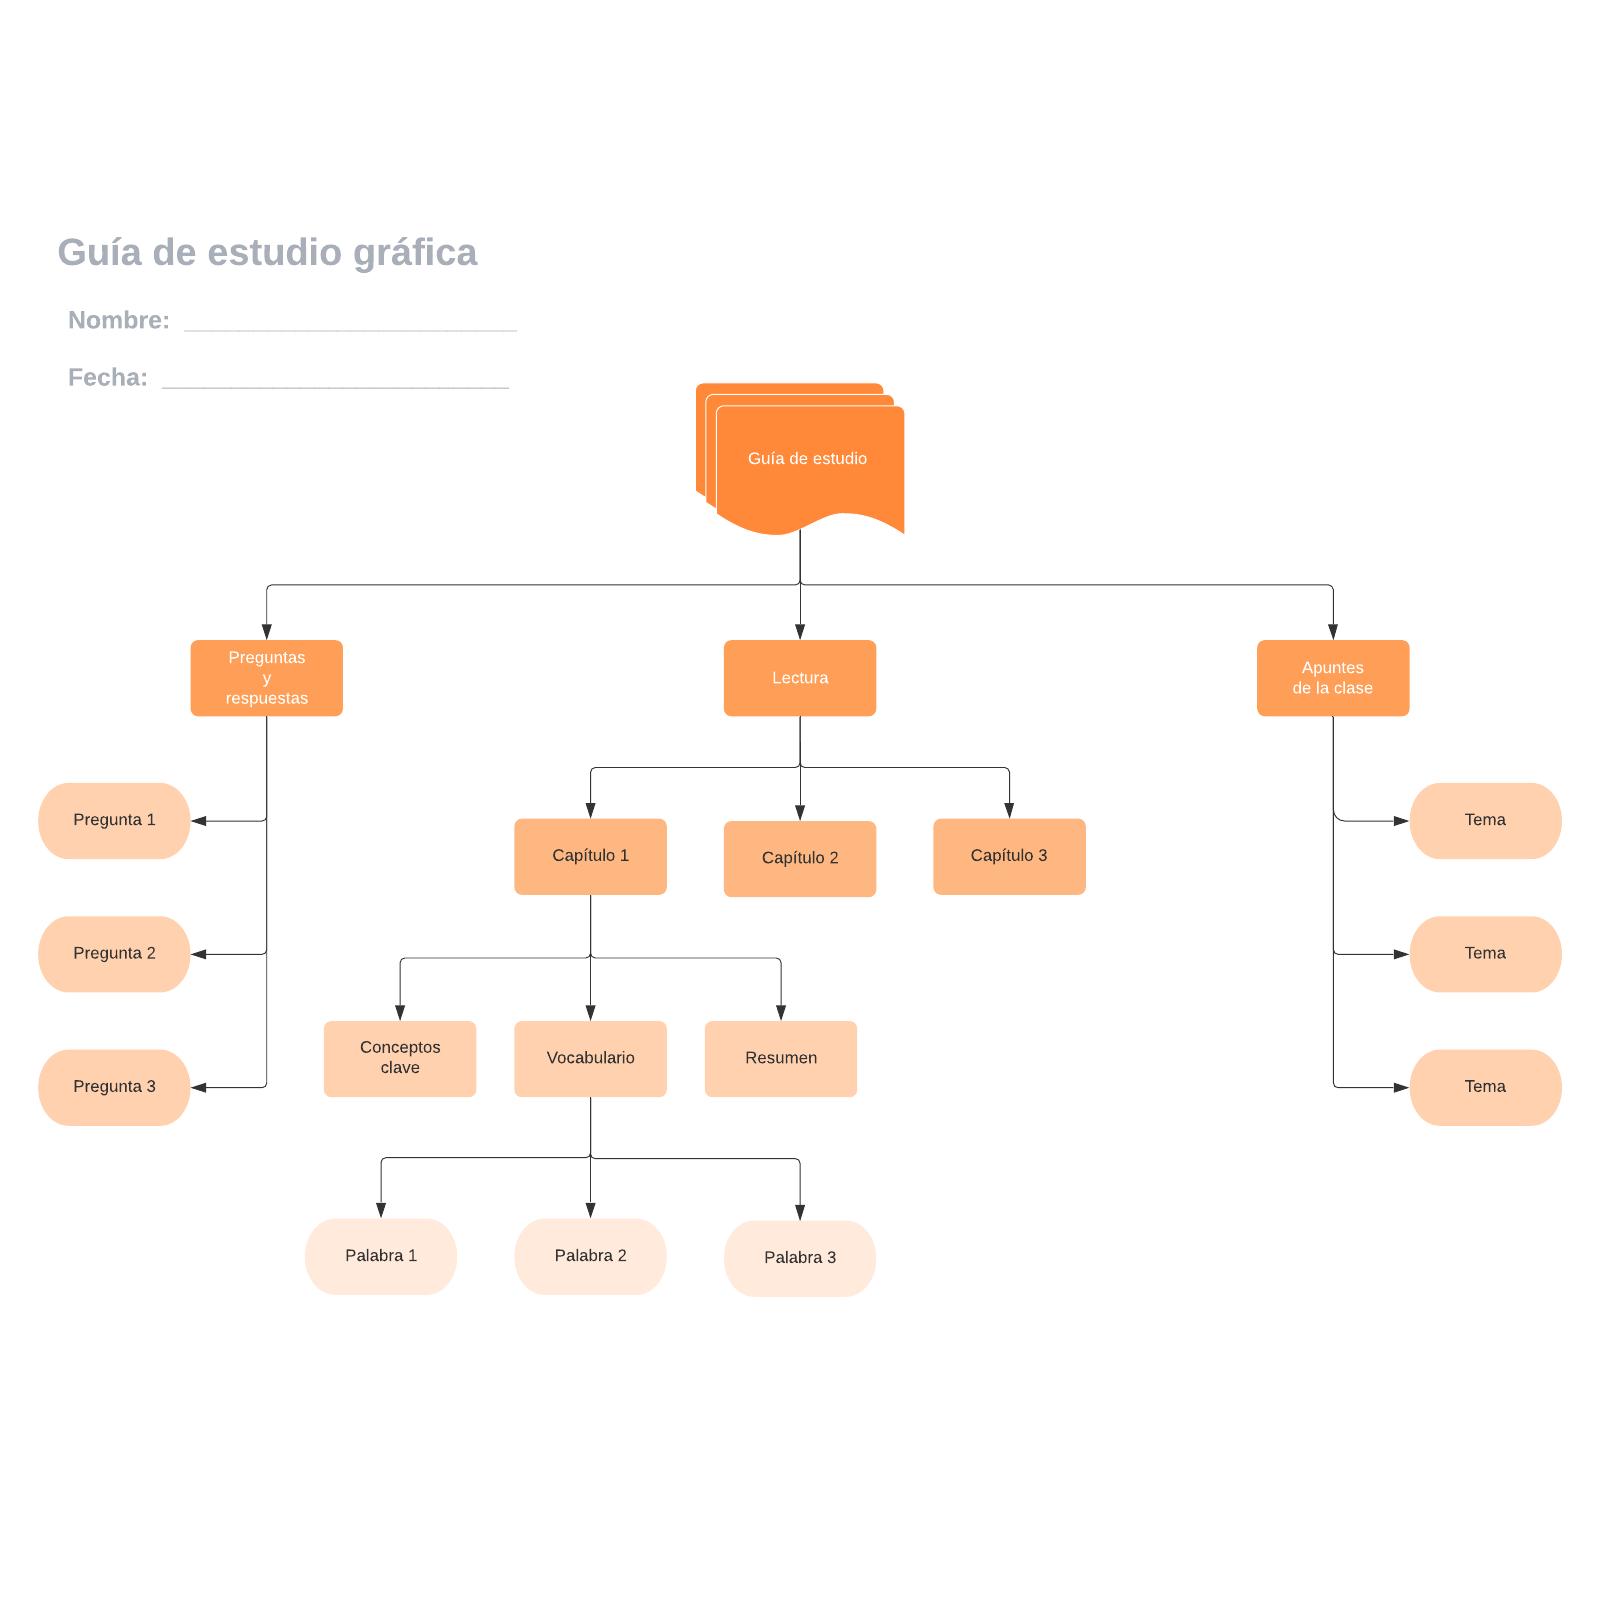 Guía de estudio gráfica